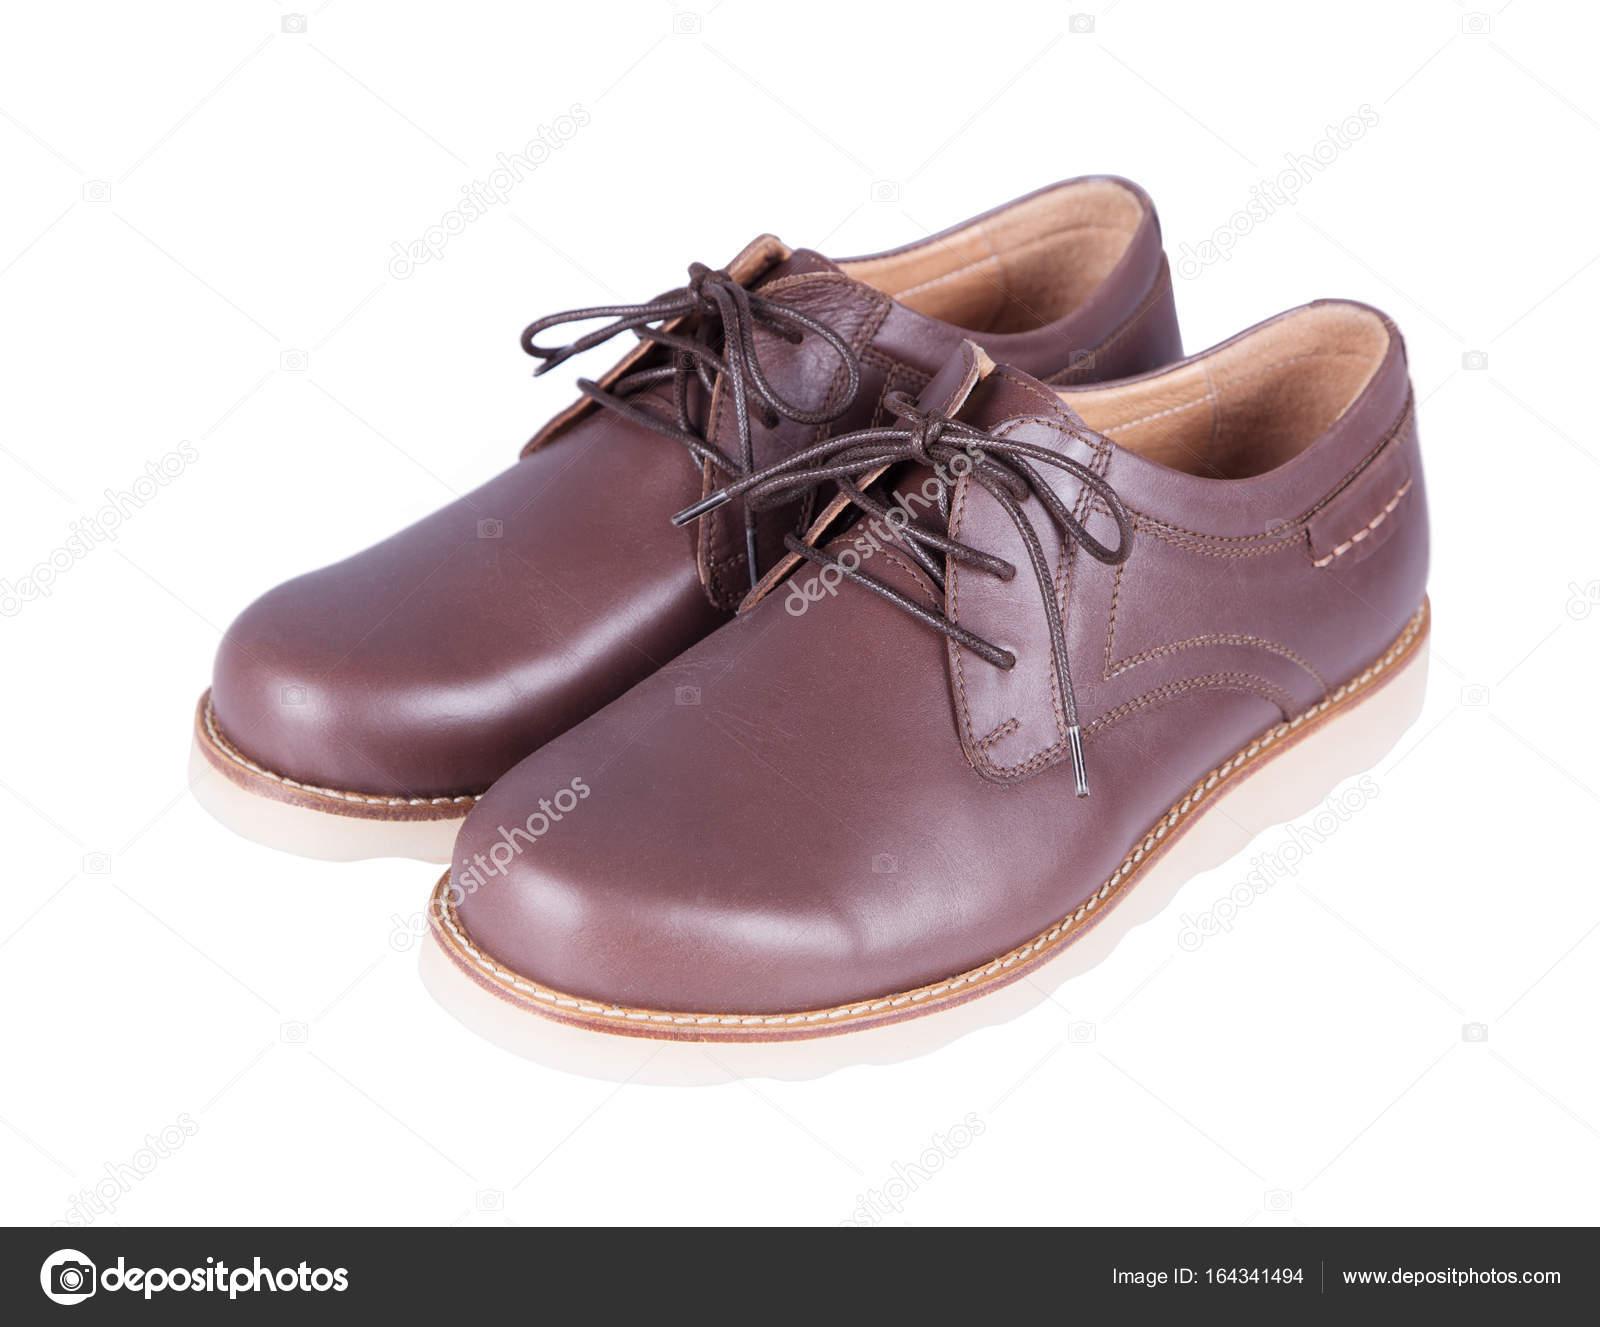 25c25339c2 Zapatos cuero hombre aislados sobre fondo blanco marrones — Foto de ...